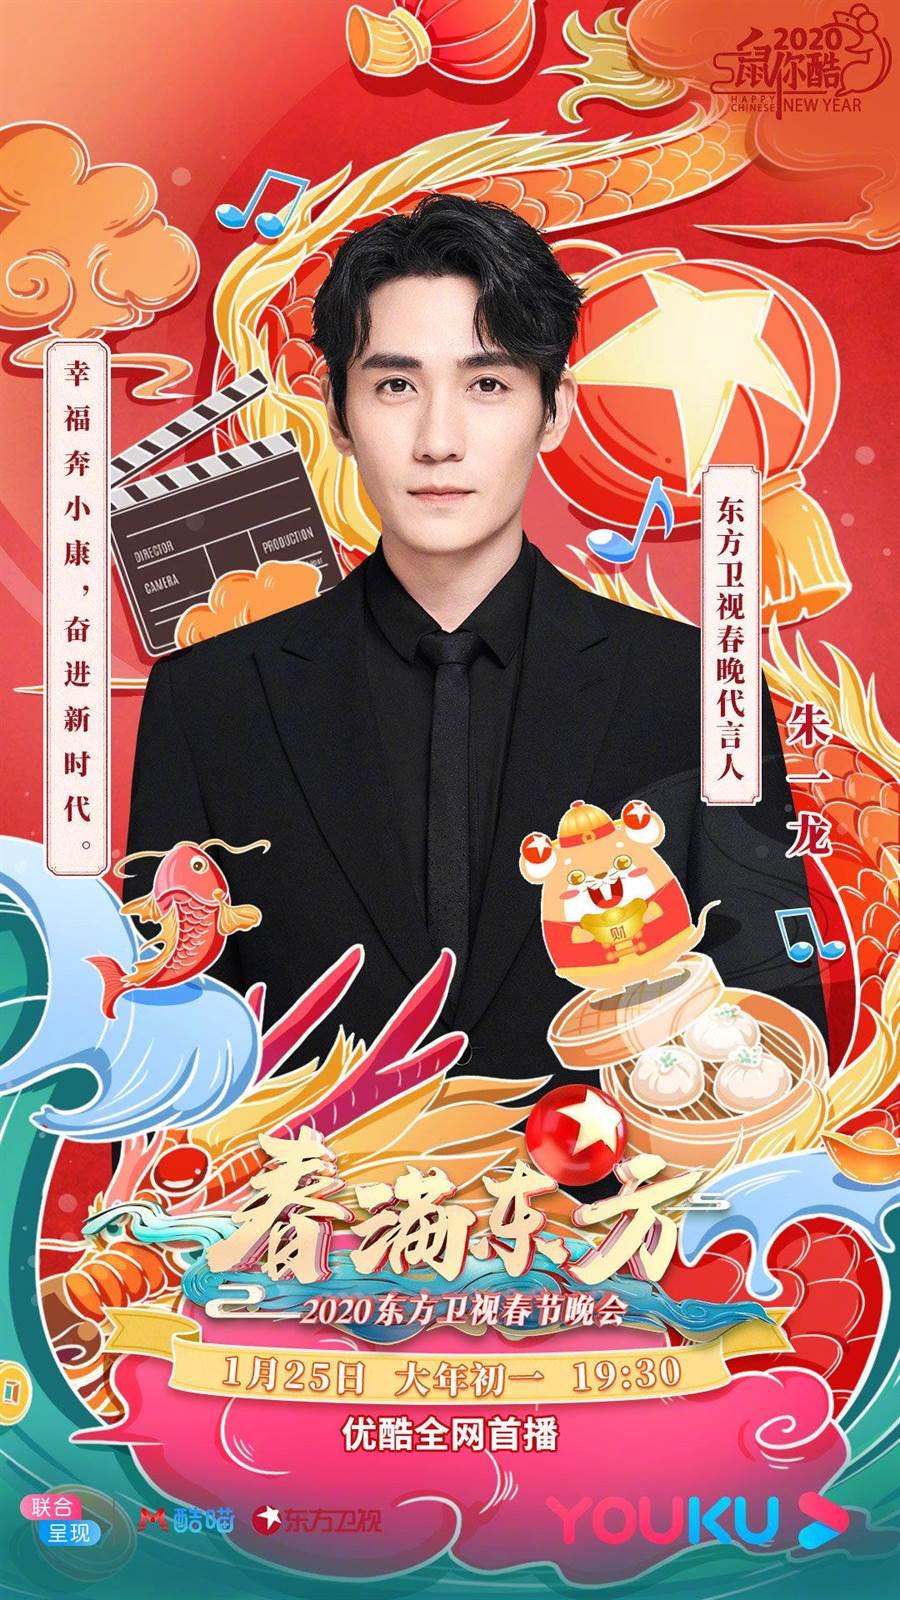 東方衛視邀朱一龍擔任春晚代言人,1月25日在優酷直播。(取自新浪微博@優酷)